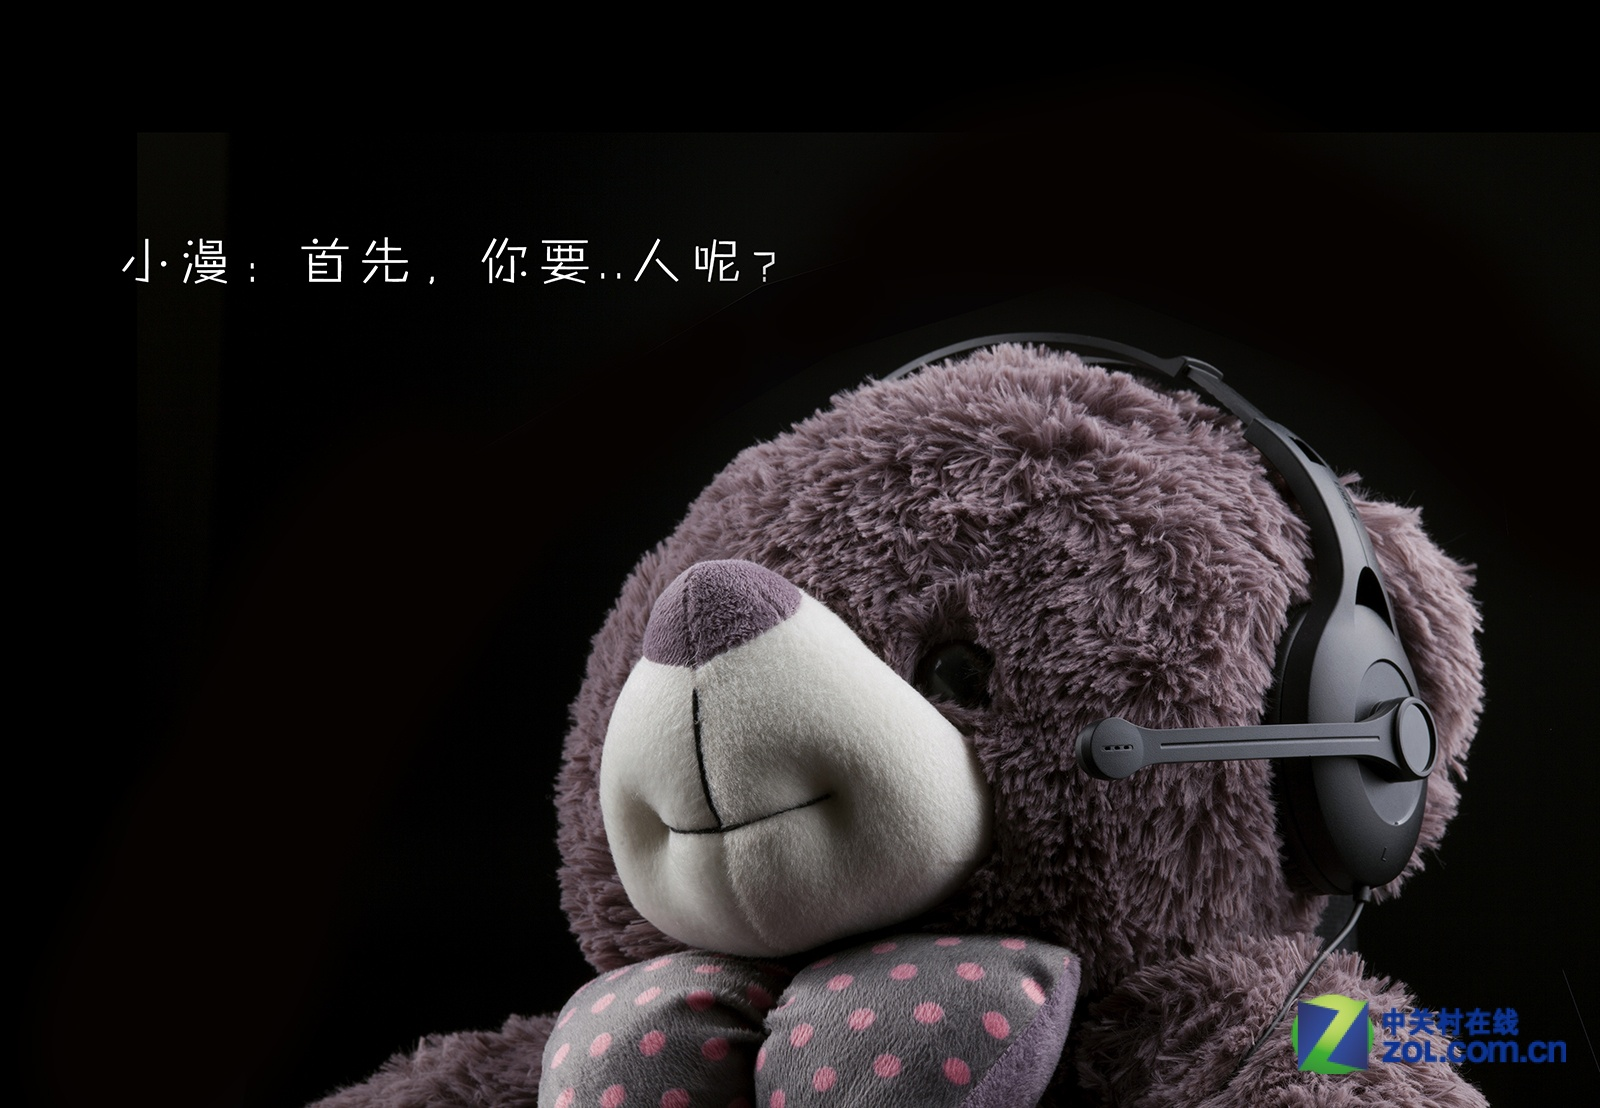 教你如何―煲耳机; 这是漫步者精心准备的可爱的小剧场,两只小熊趣味